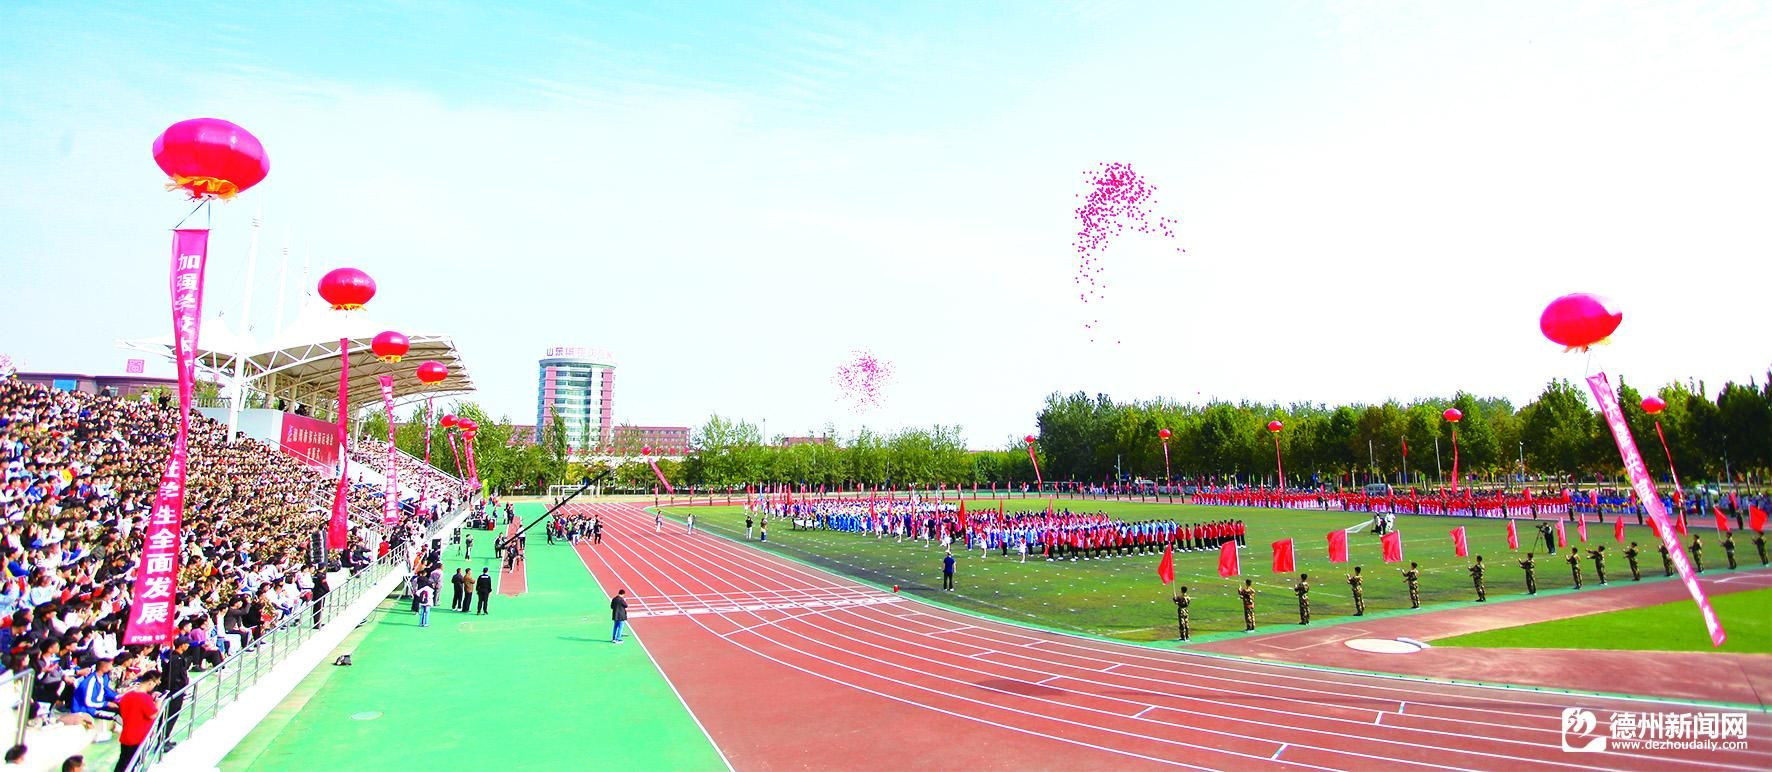 德州市第六屆運動會開幕式舉行